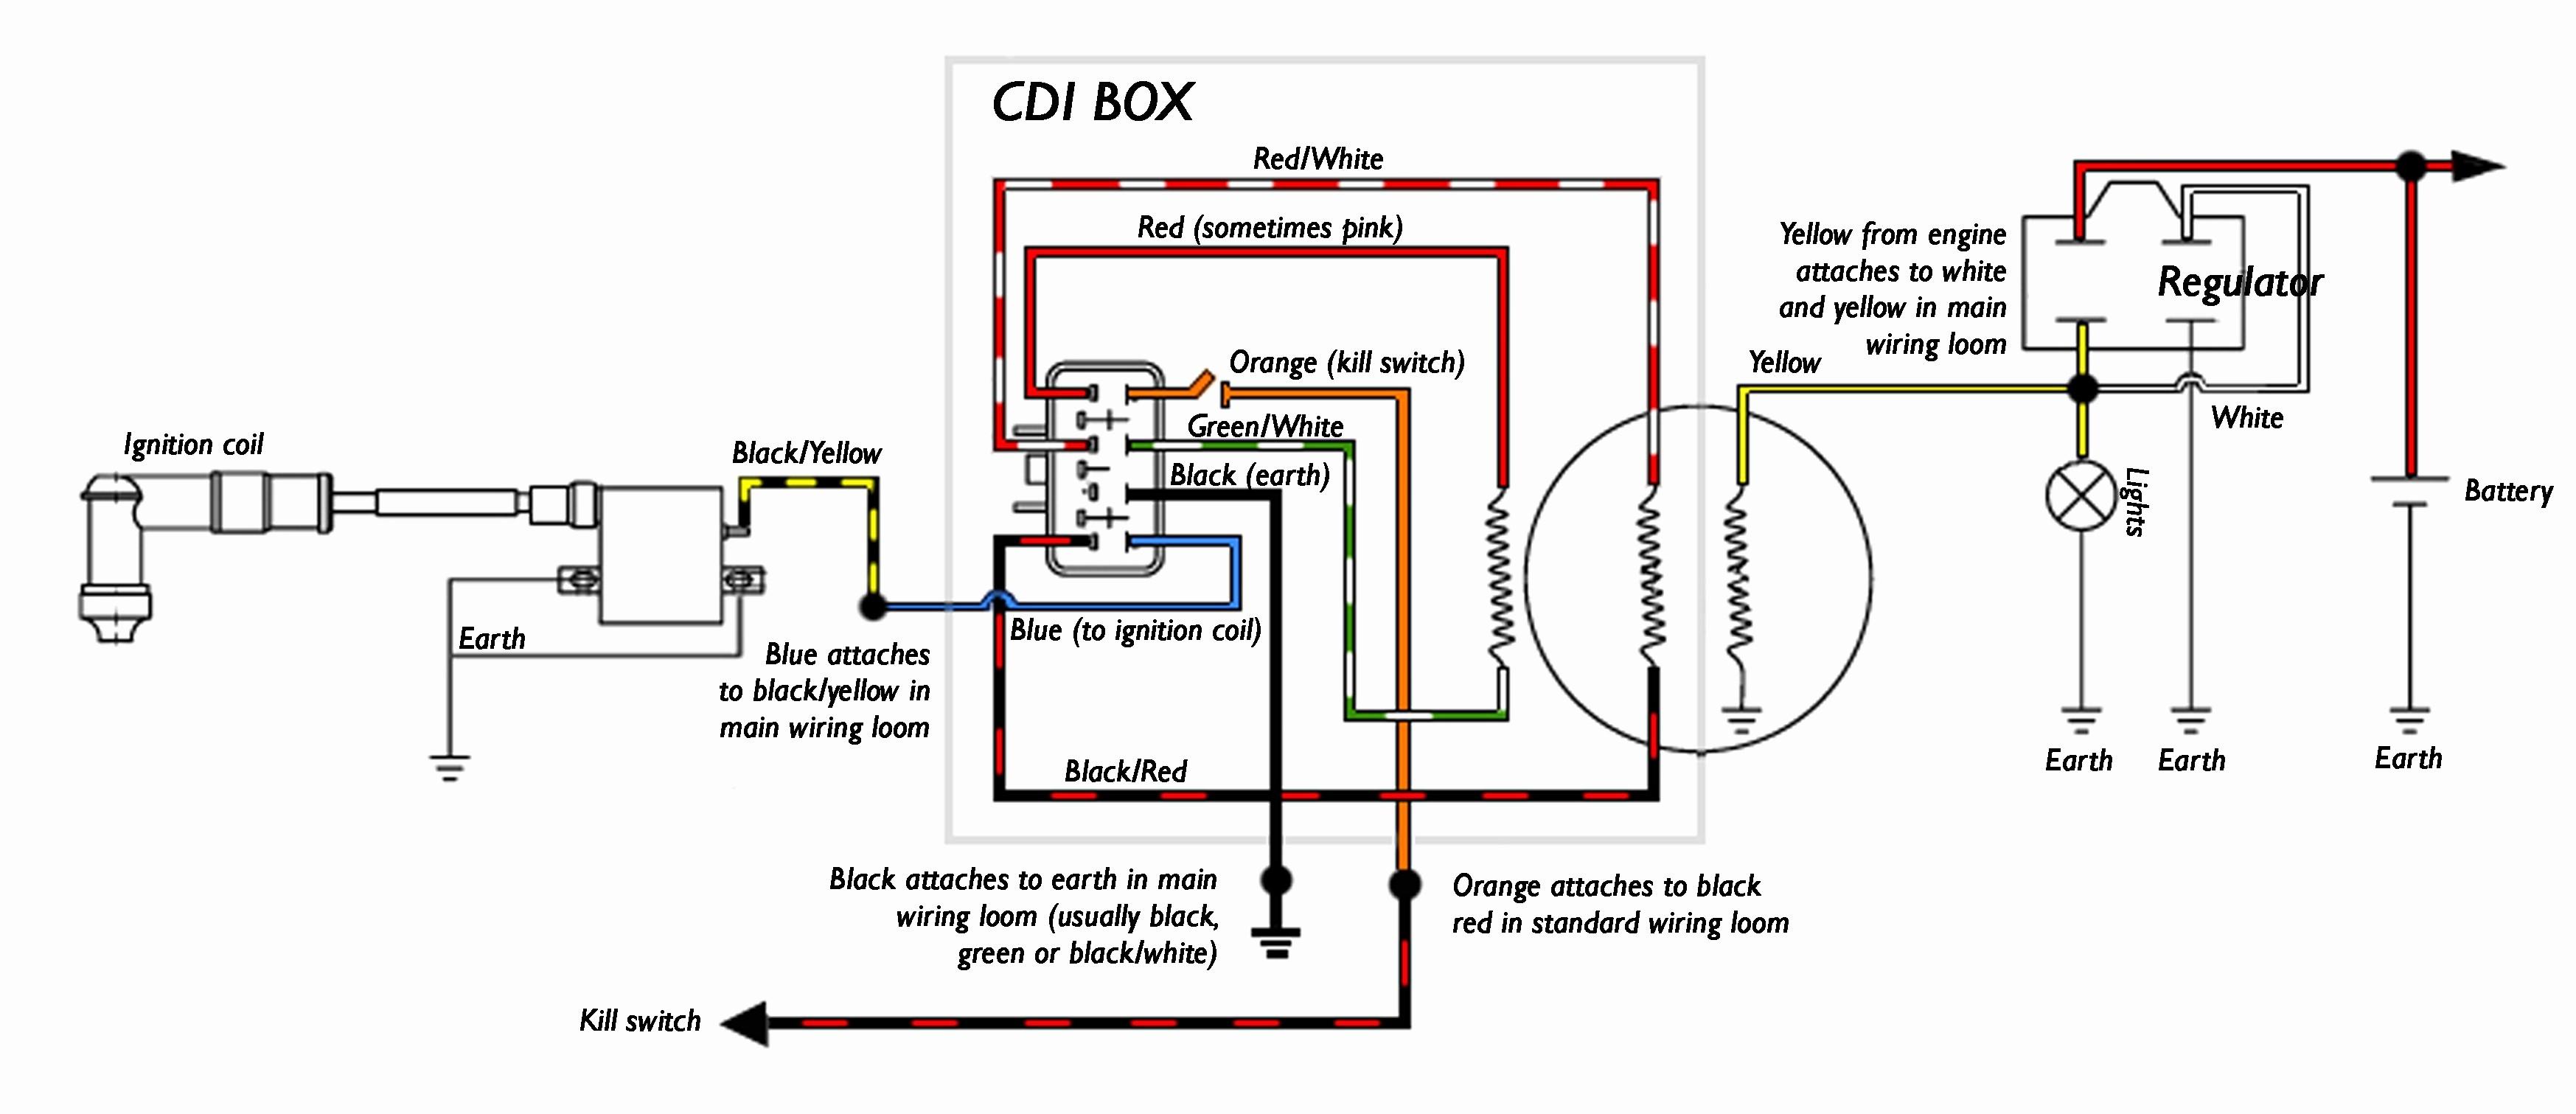 chinese pit bike wiring diagram gd 6392  wiring diagram on 110cc pit bike wiring diagram get free  wiring diagram on 110cc pit bike wiring